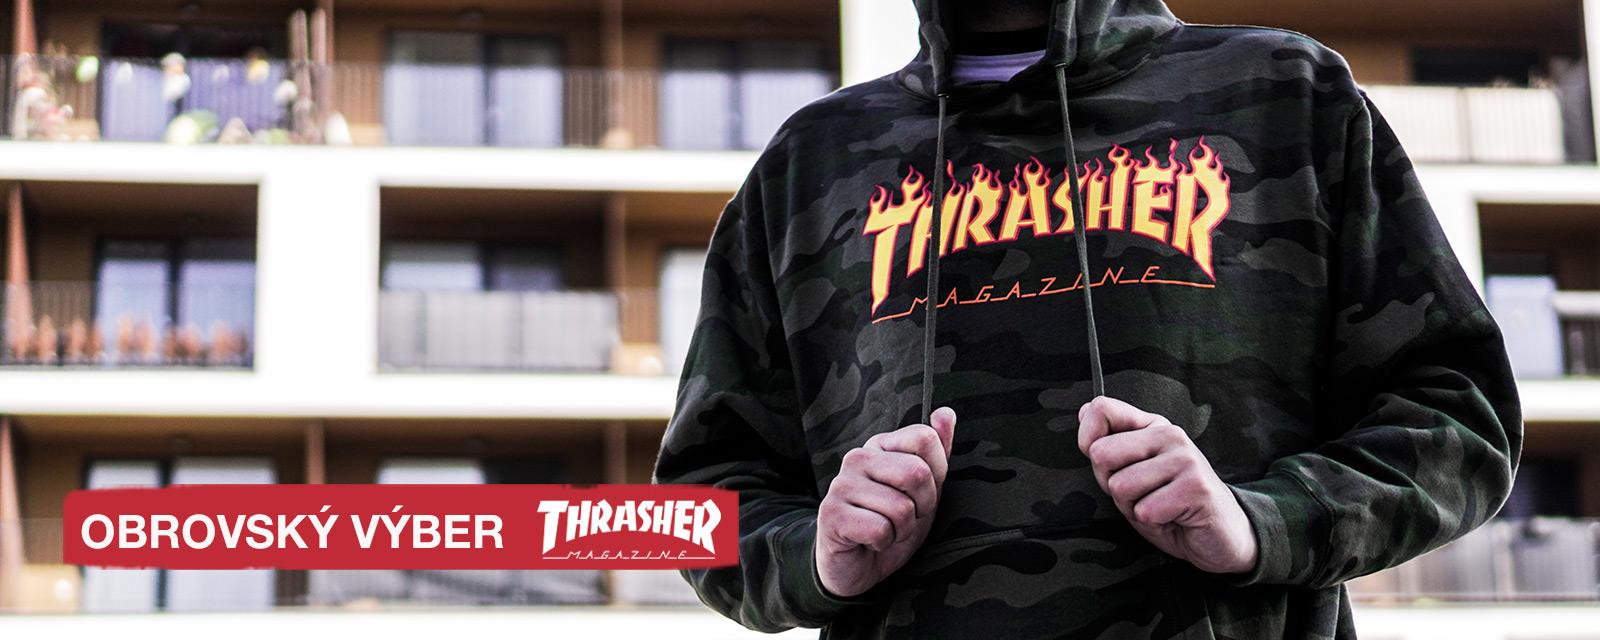 obrovský výber THRASHER